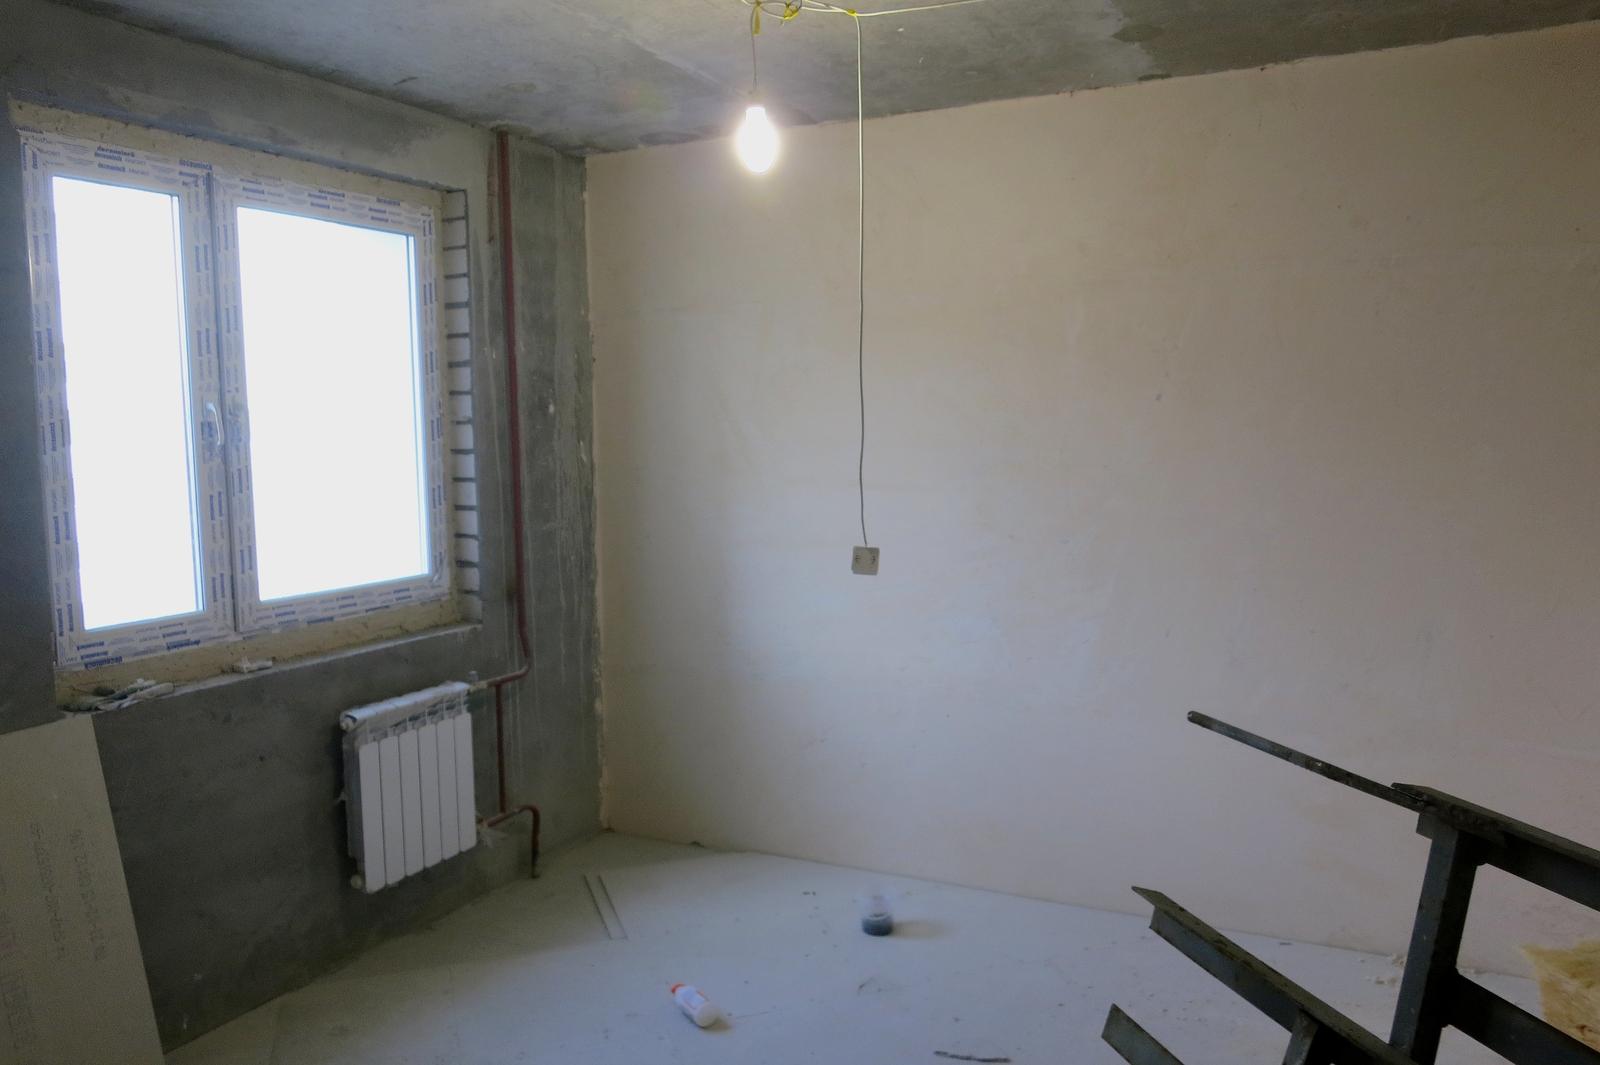 сколько примерно уходит на ремонт квартиры с черновой отделкой